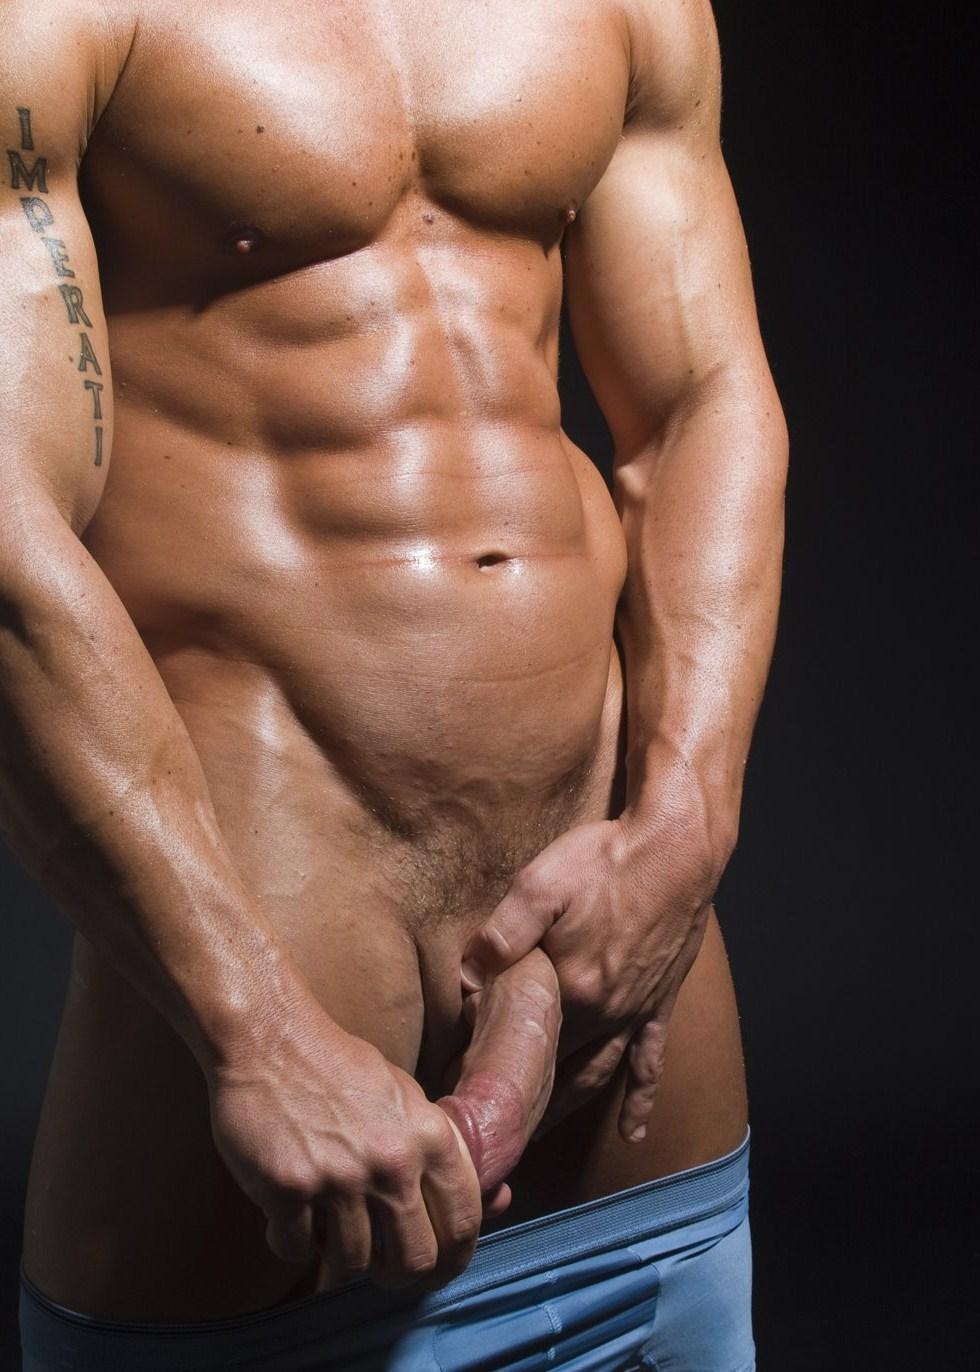 непринужденно мускулистые парни с большими членами фото требовал